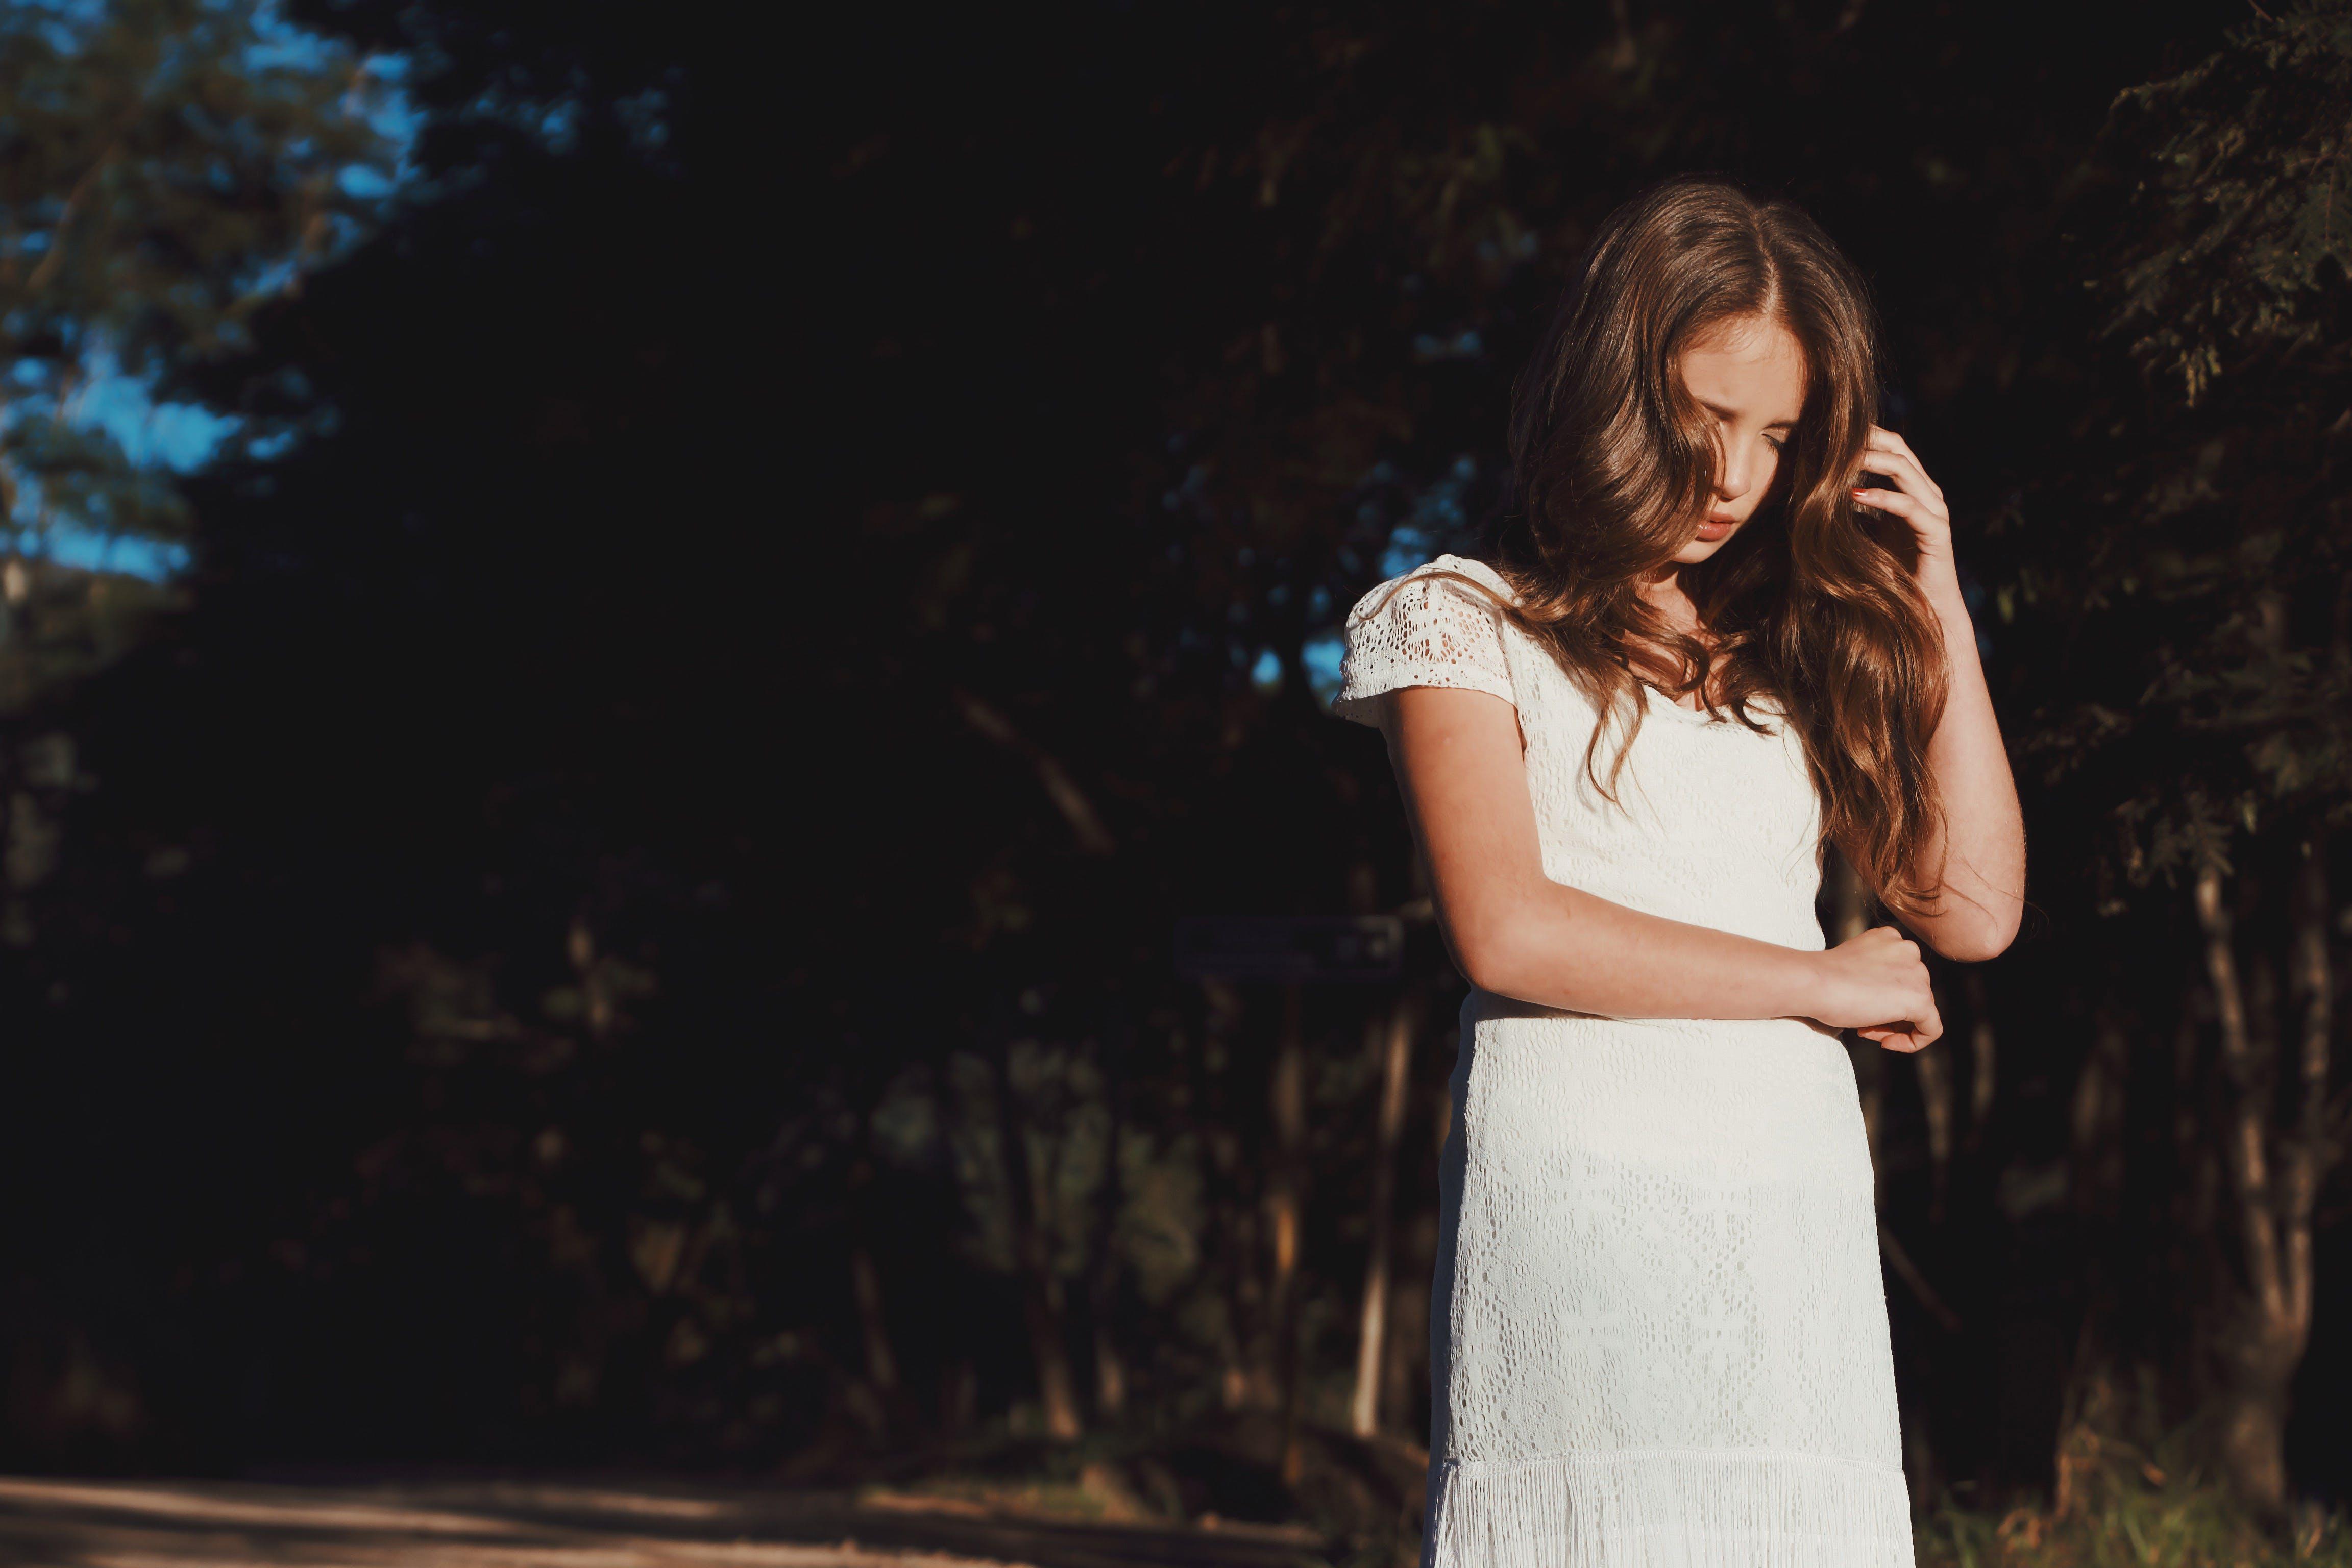 Δωρεάν στοκ φωτογραφιών με casual, άνθρωπος, γυναίκα, δέντρα